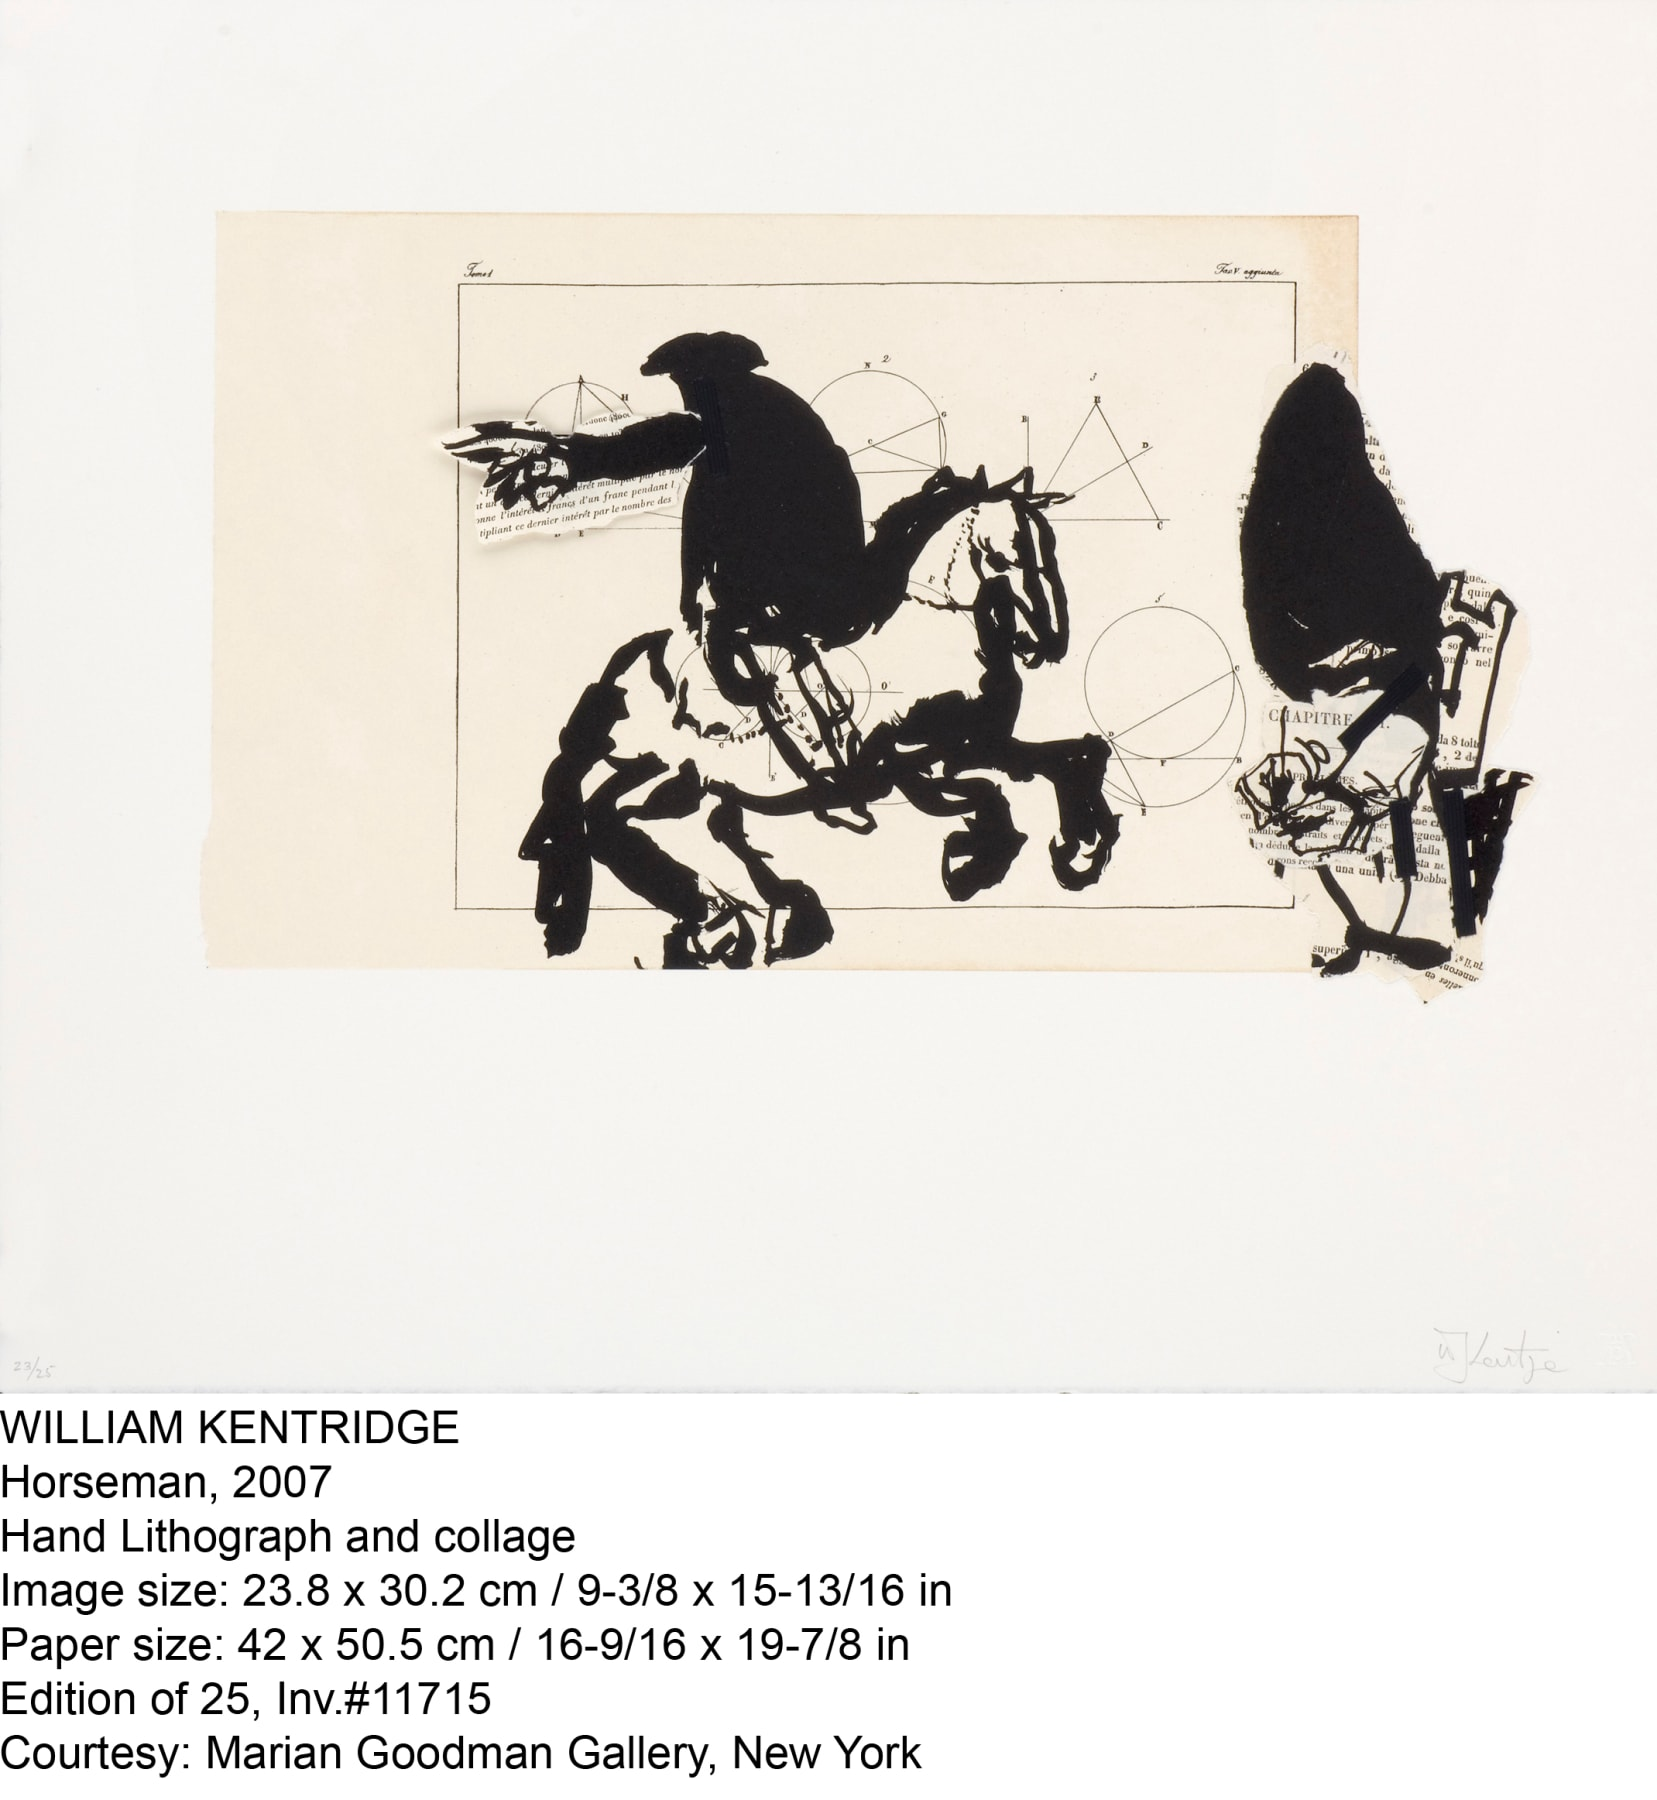 William Kentridge, Horseman, 2007